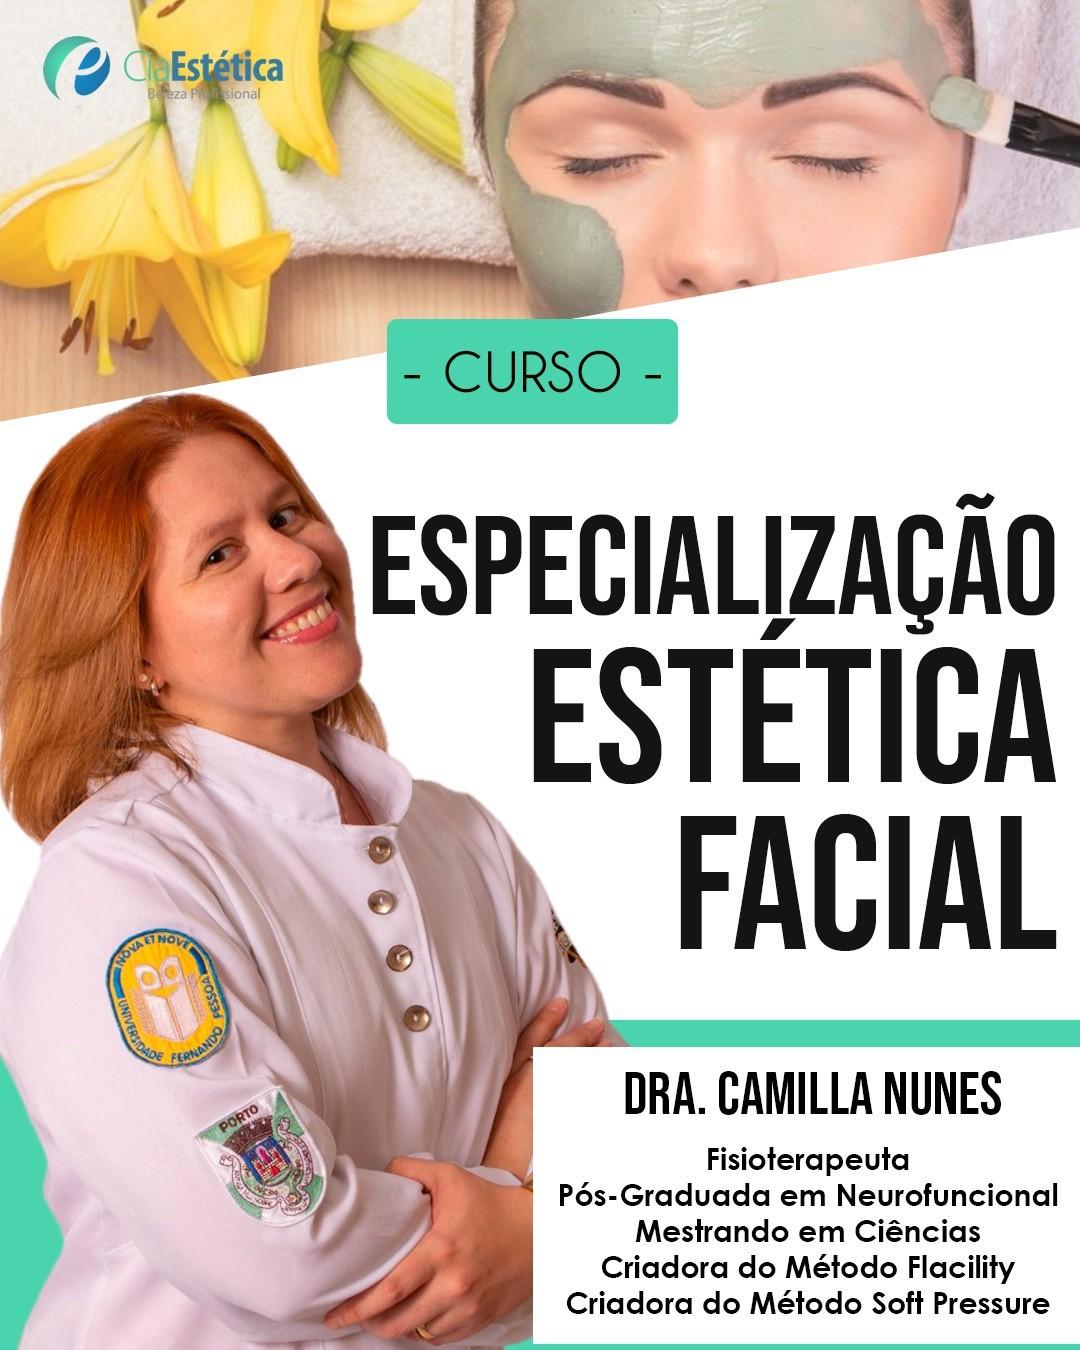 Curso de Especialização Estética Facial